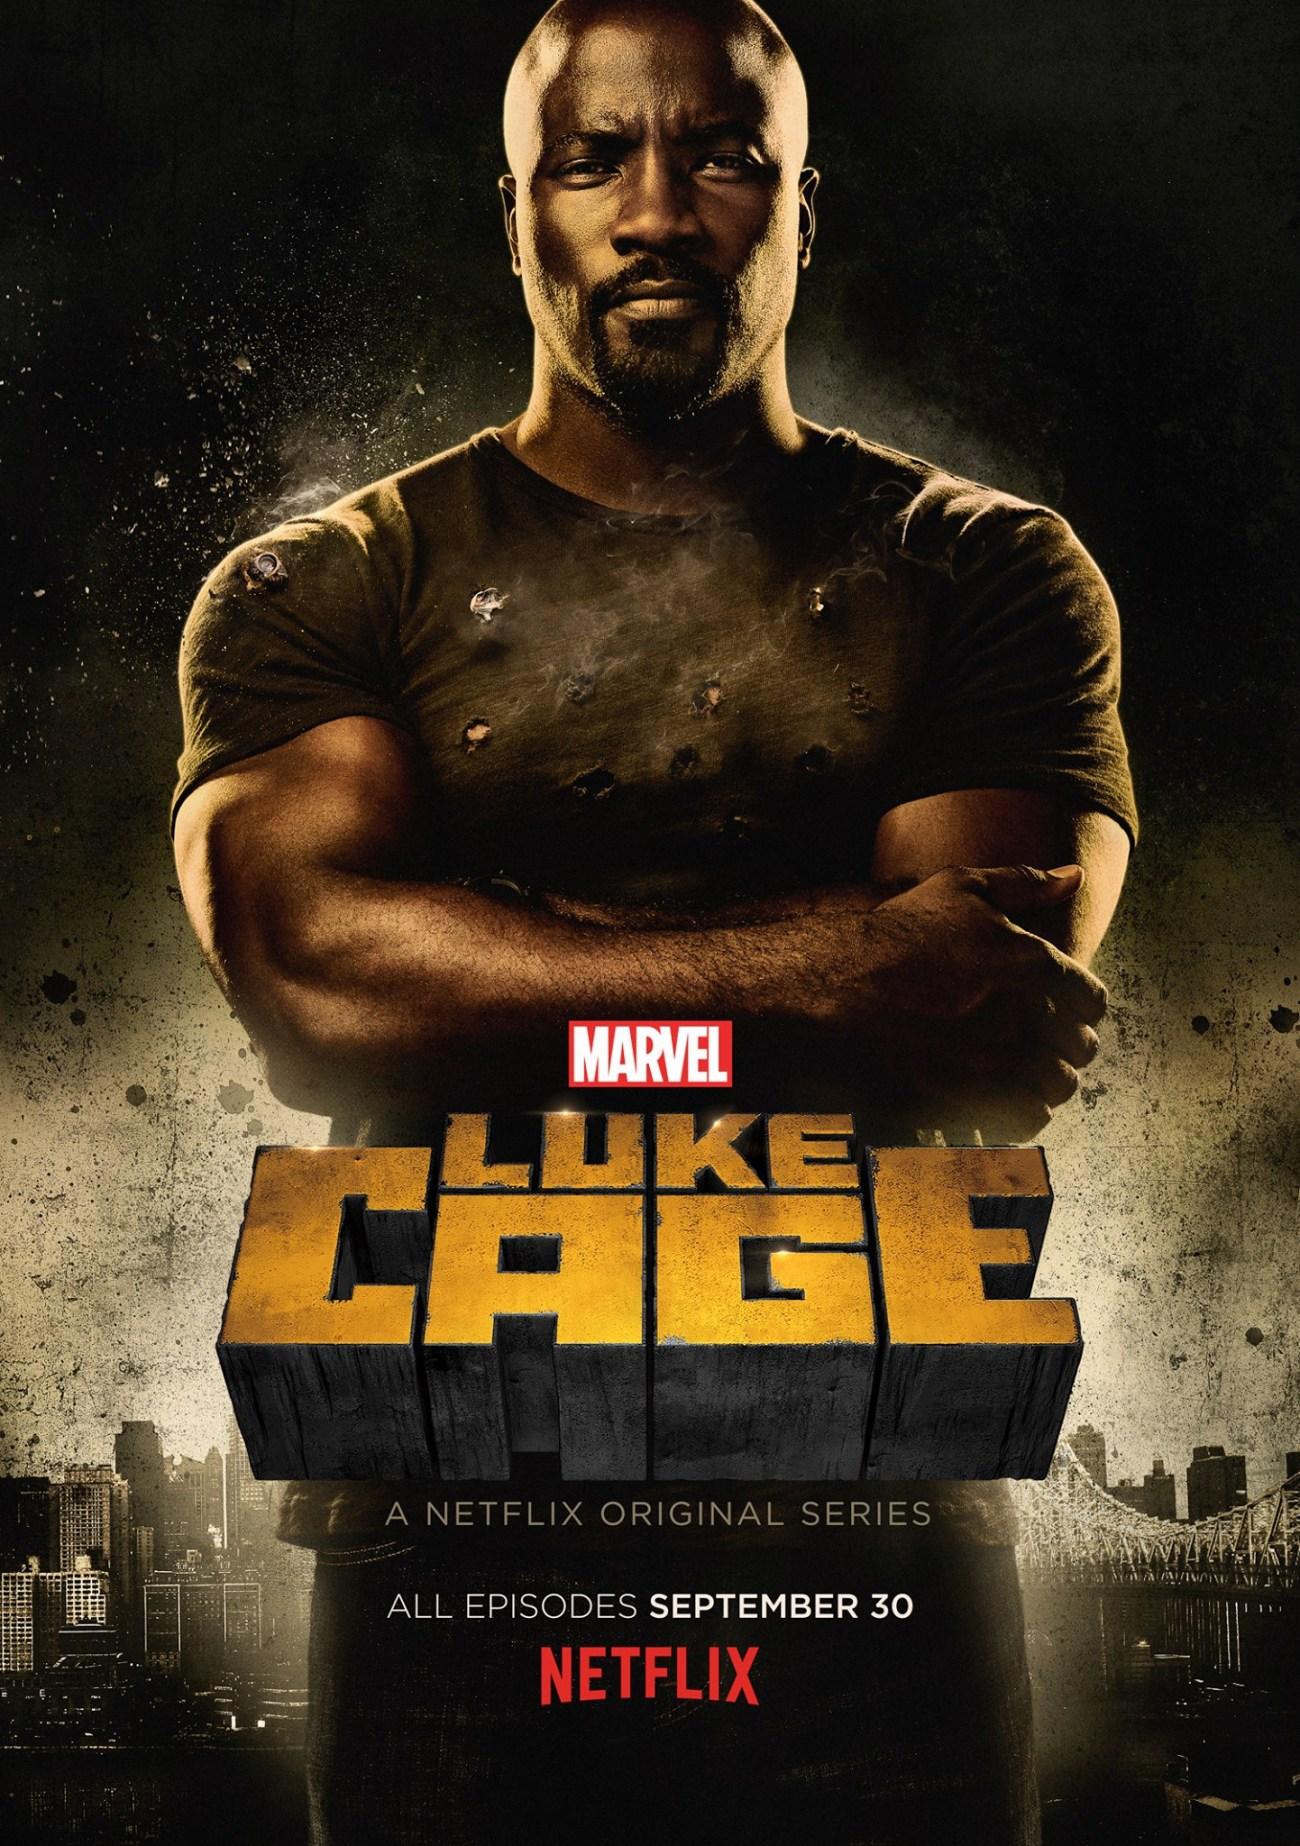 Mike Colter como Luke Cage en un póster de la temporada 1 de Luke Cage (2016-2018). Imagen: impawards.com